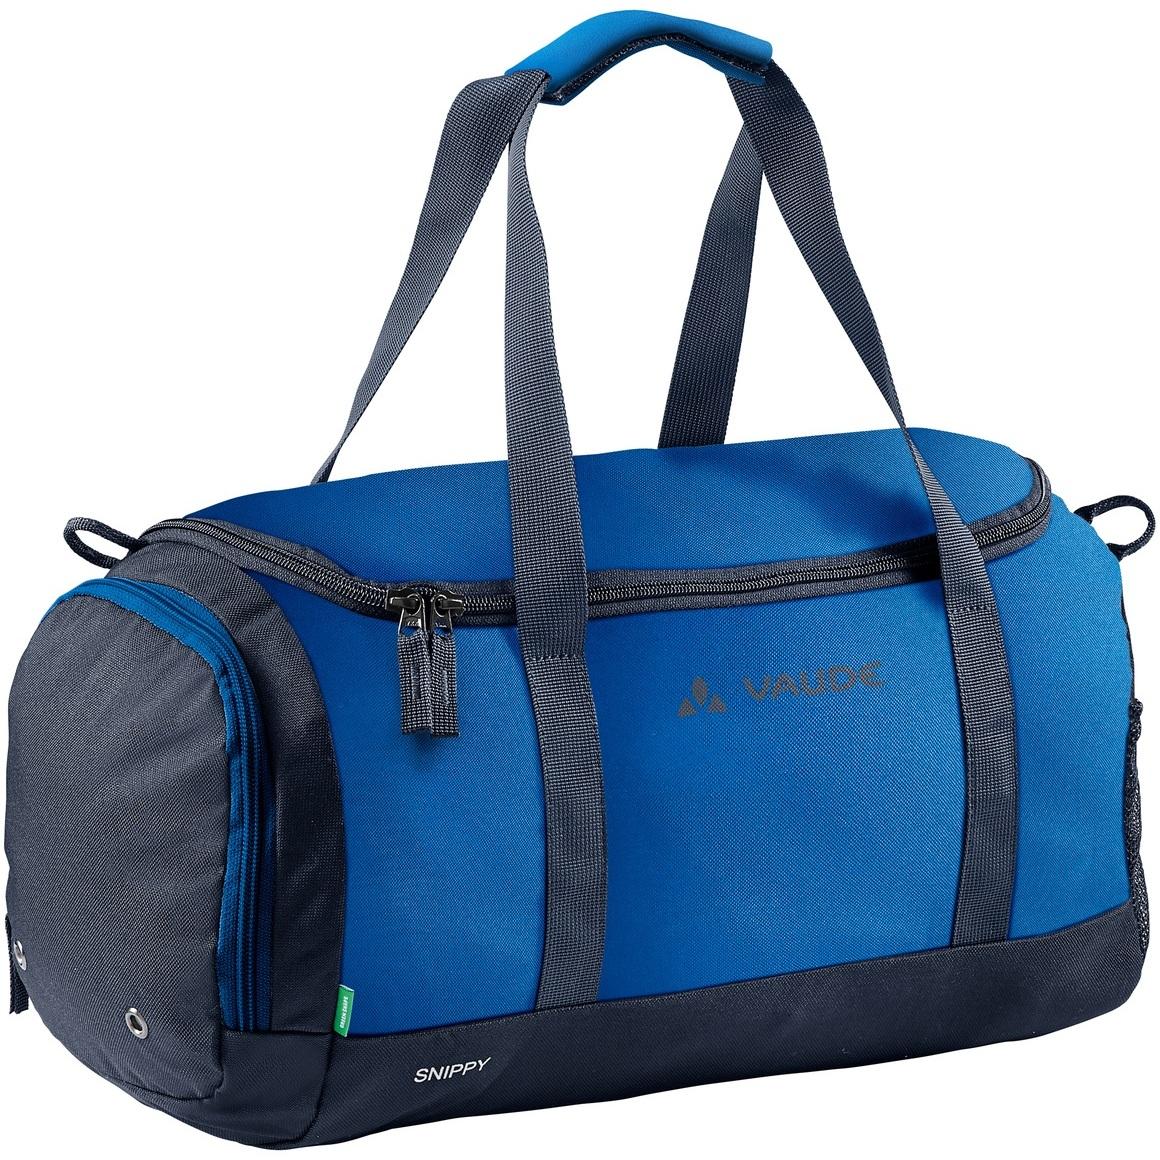 Vaude Snippy Reise-/Sporttasche für Kinder - blue/eclipse